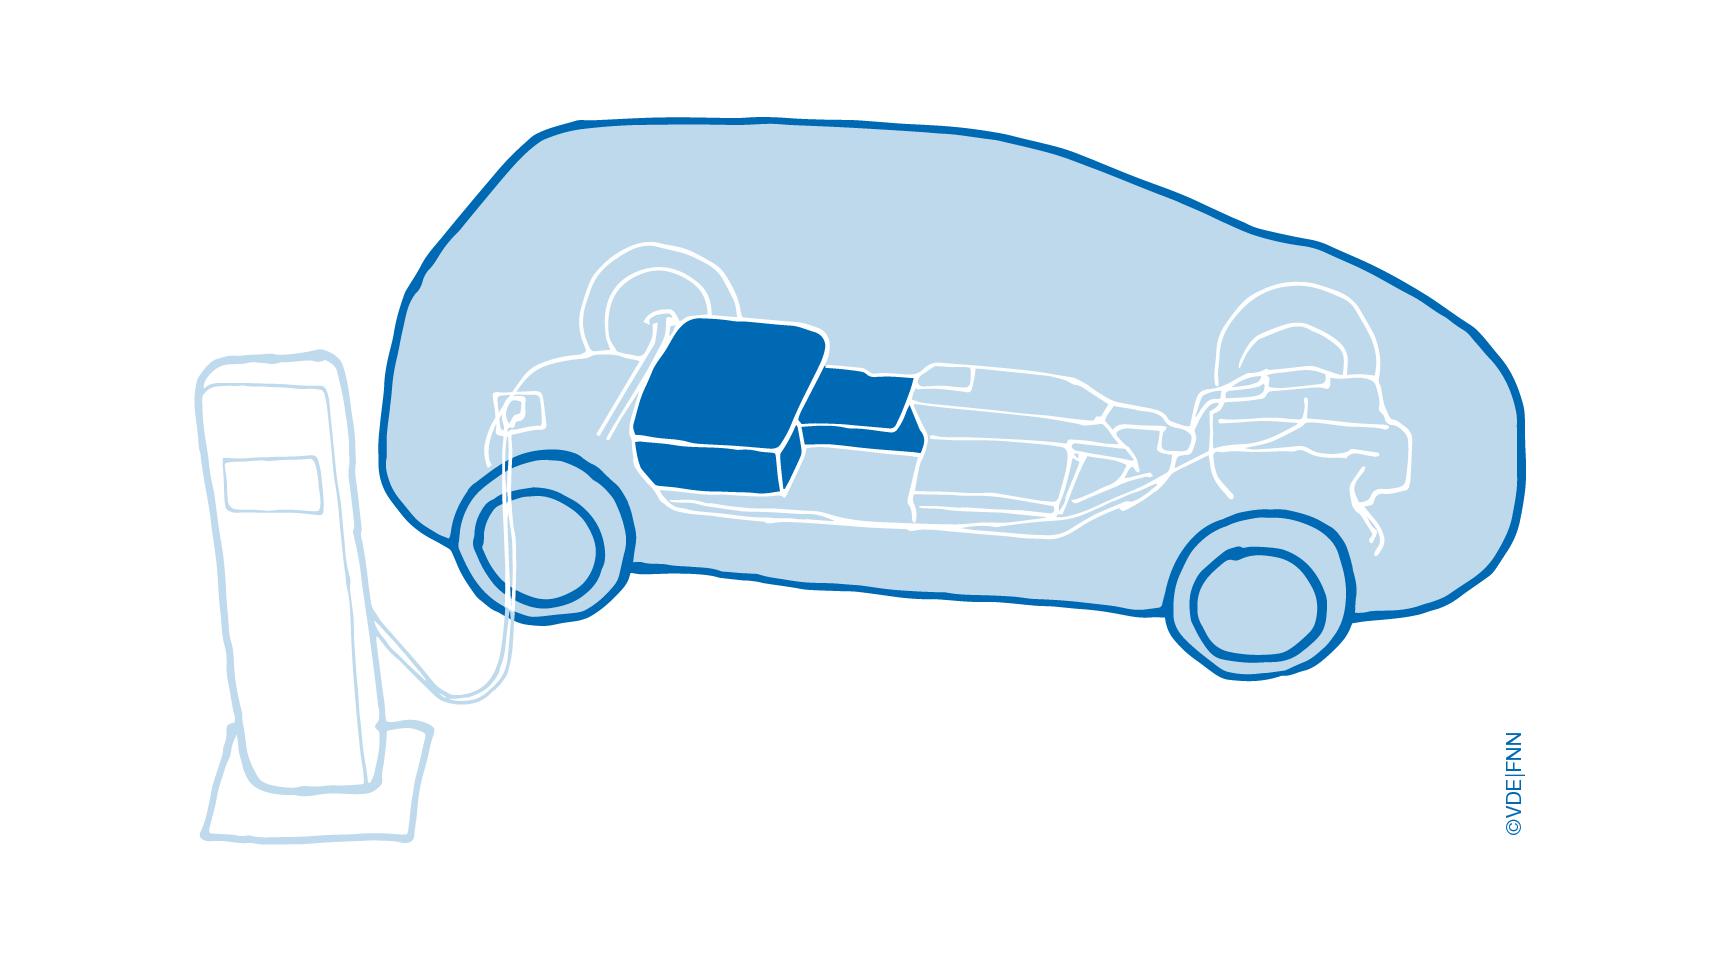 Second-Life-Batterien können als Stromspeicher dienen und werden an Ladestationen aufgeladen. Sie tragen zur Flexibilität des Energiesystems bei.